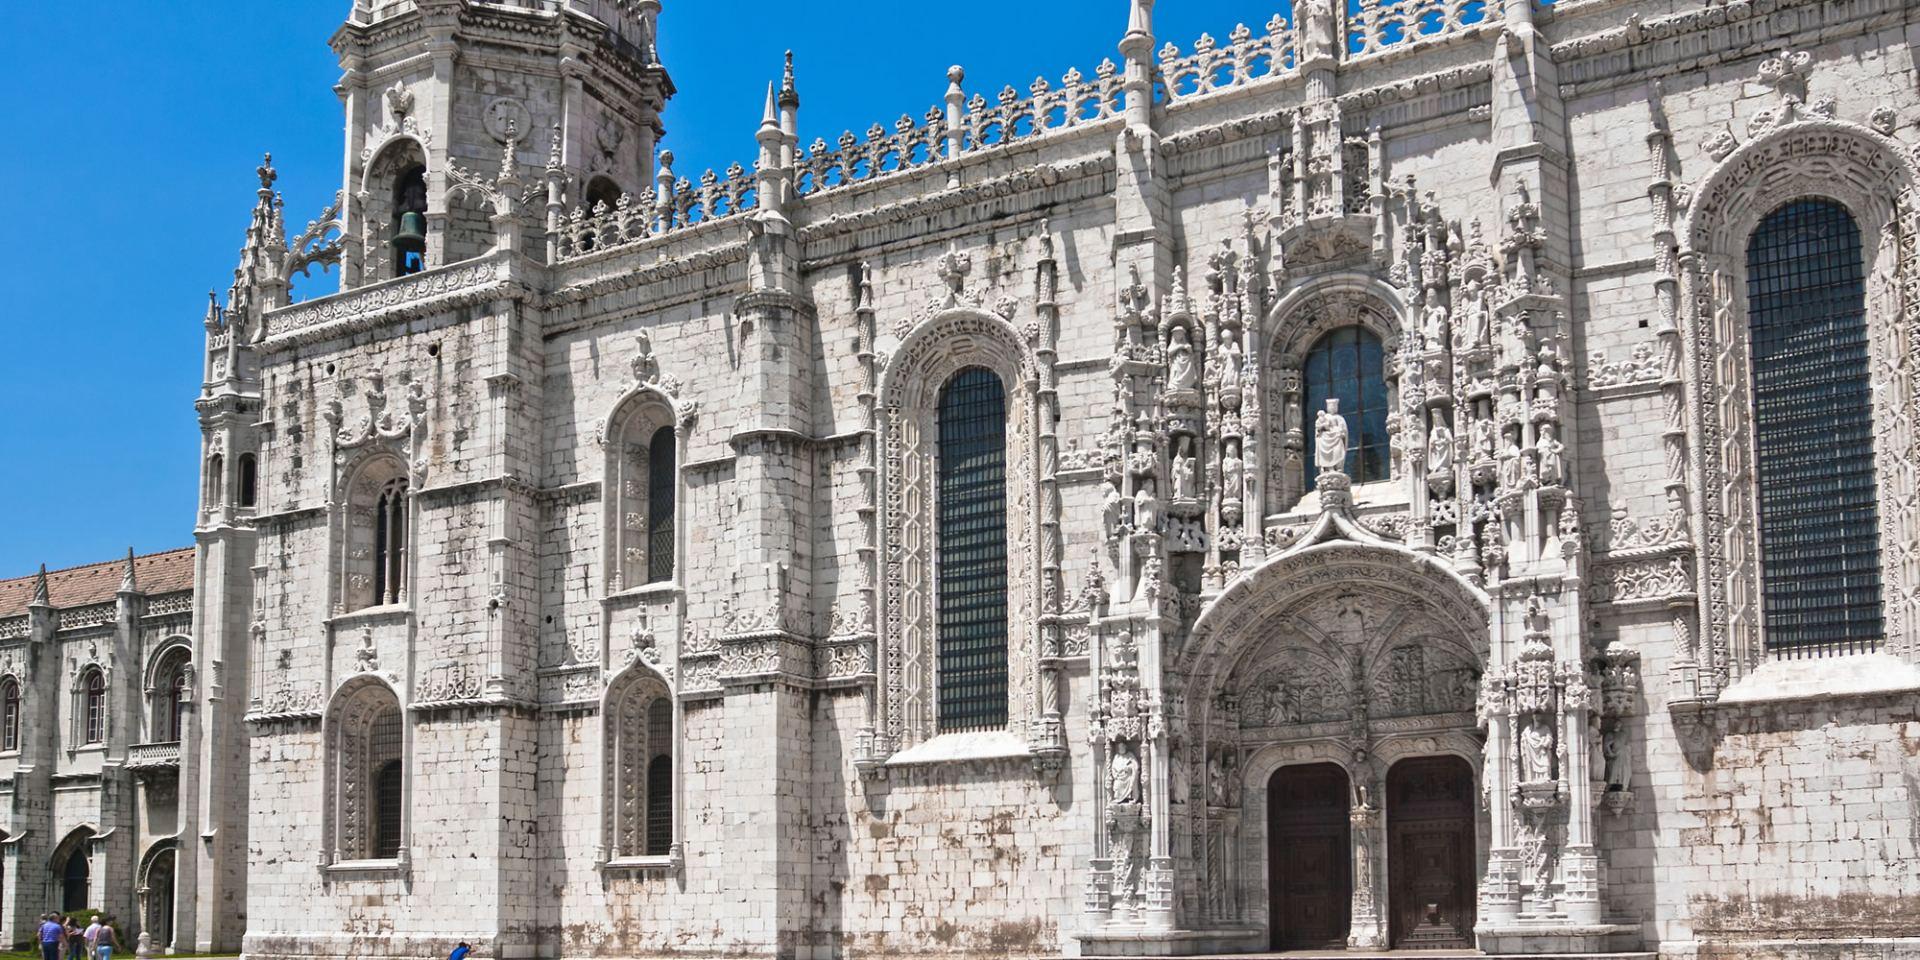 Mosteiro dos Jerónimos hotel Lisbon